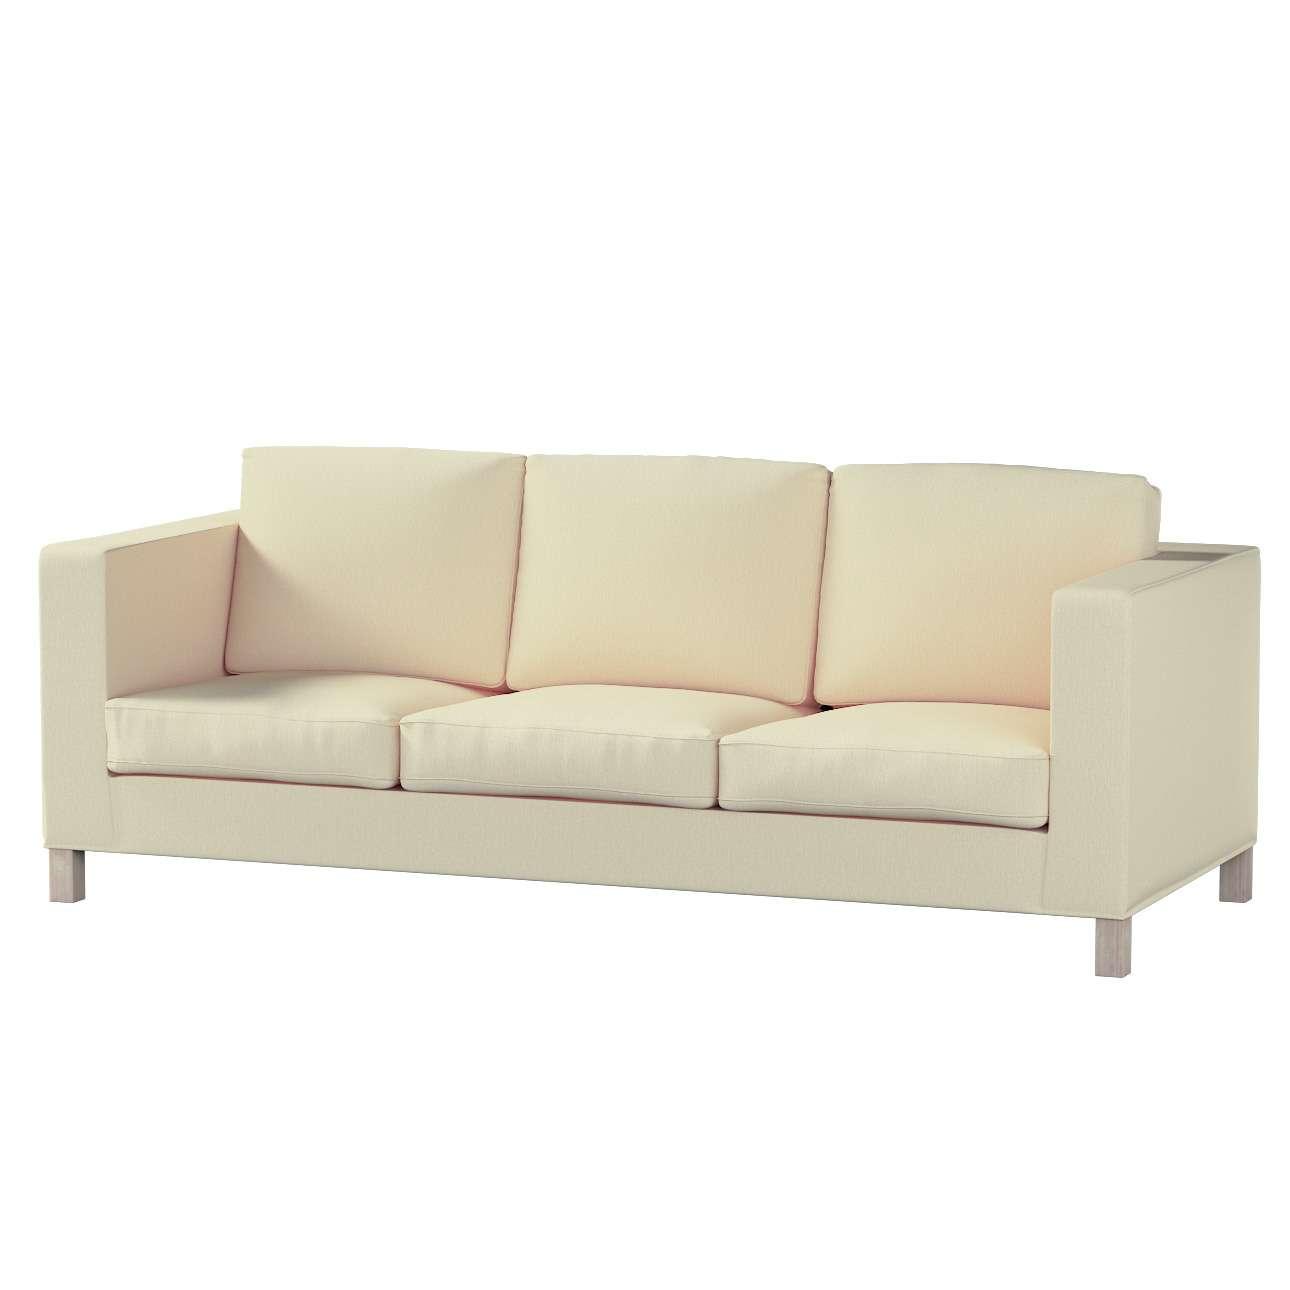 Karlanda klädsel <br>3-sits soffa - kort klädsel i kollektionen Chenille, Tyg: 702-22